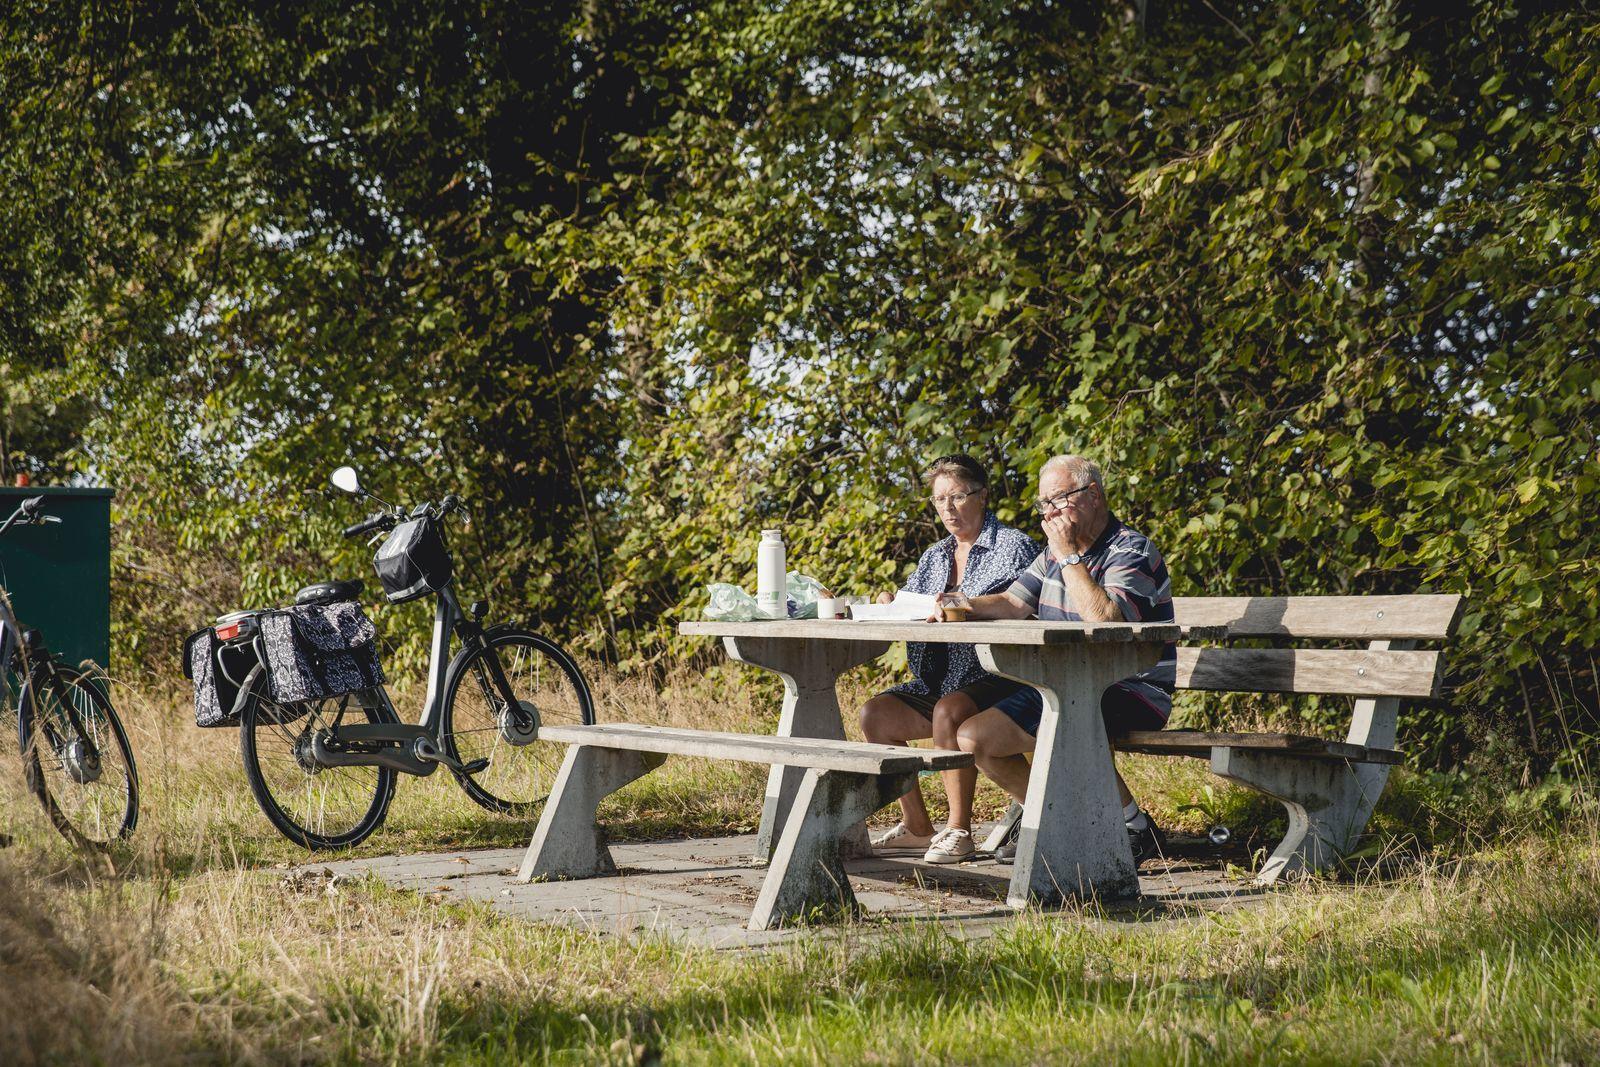 Reggestreek Fiets4daagse verblijf 6 dagen in een luxe accommodatie inclusief halfpension (2019)